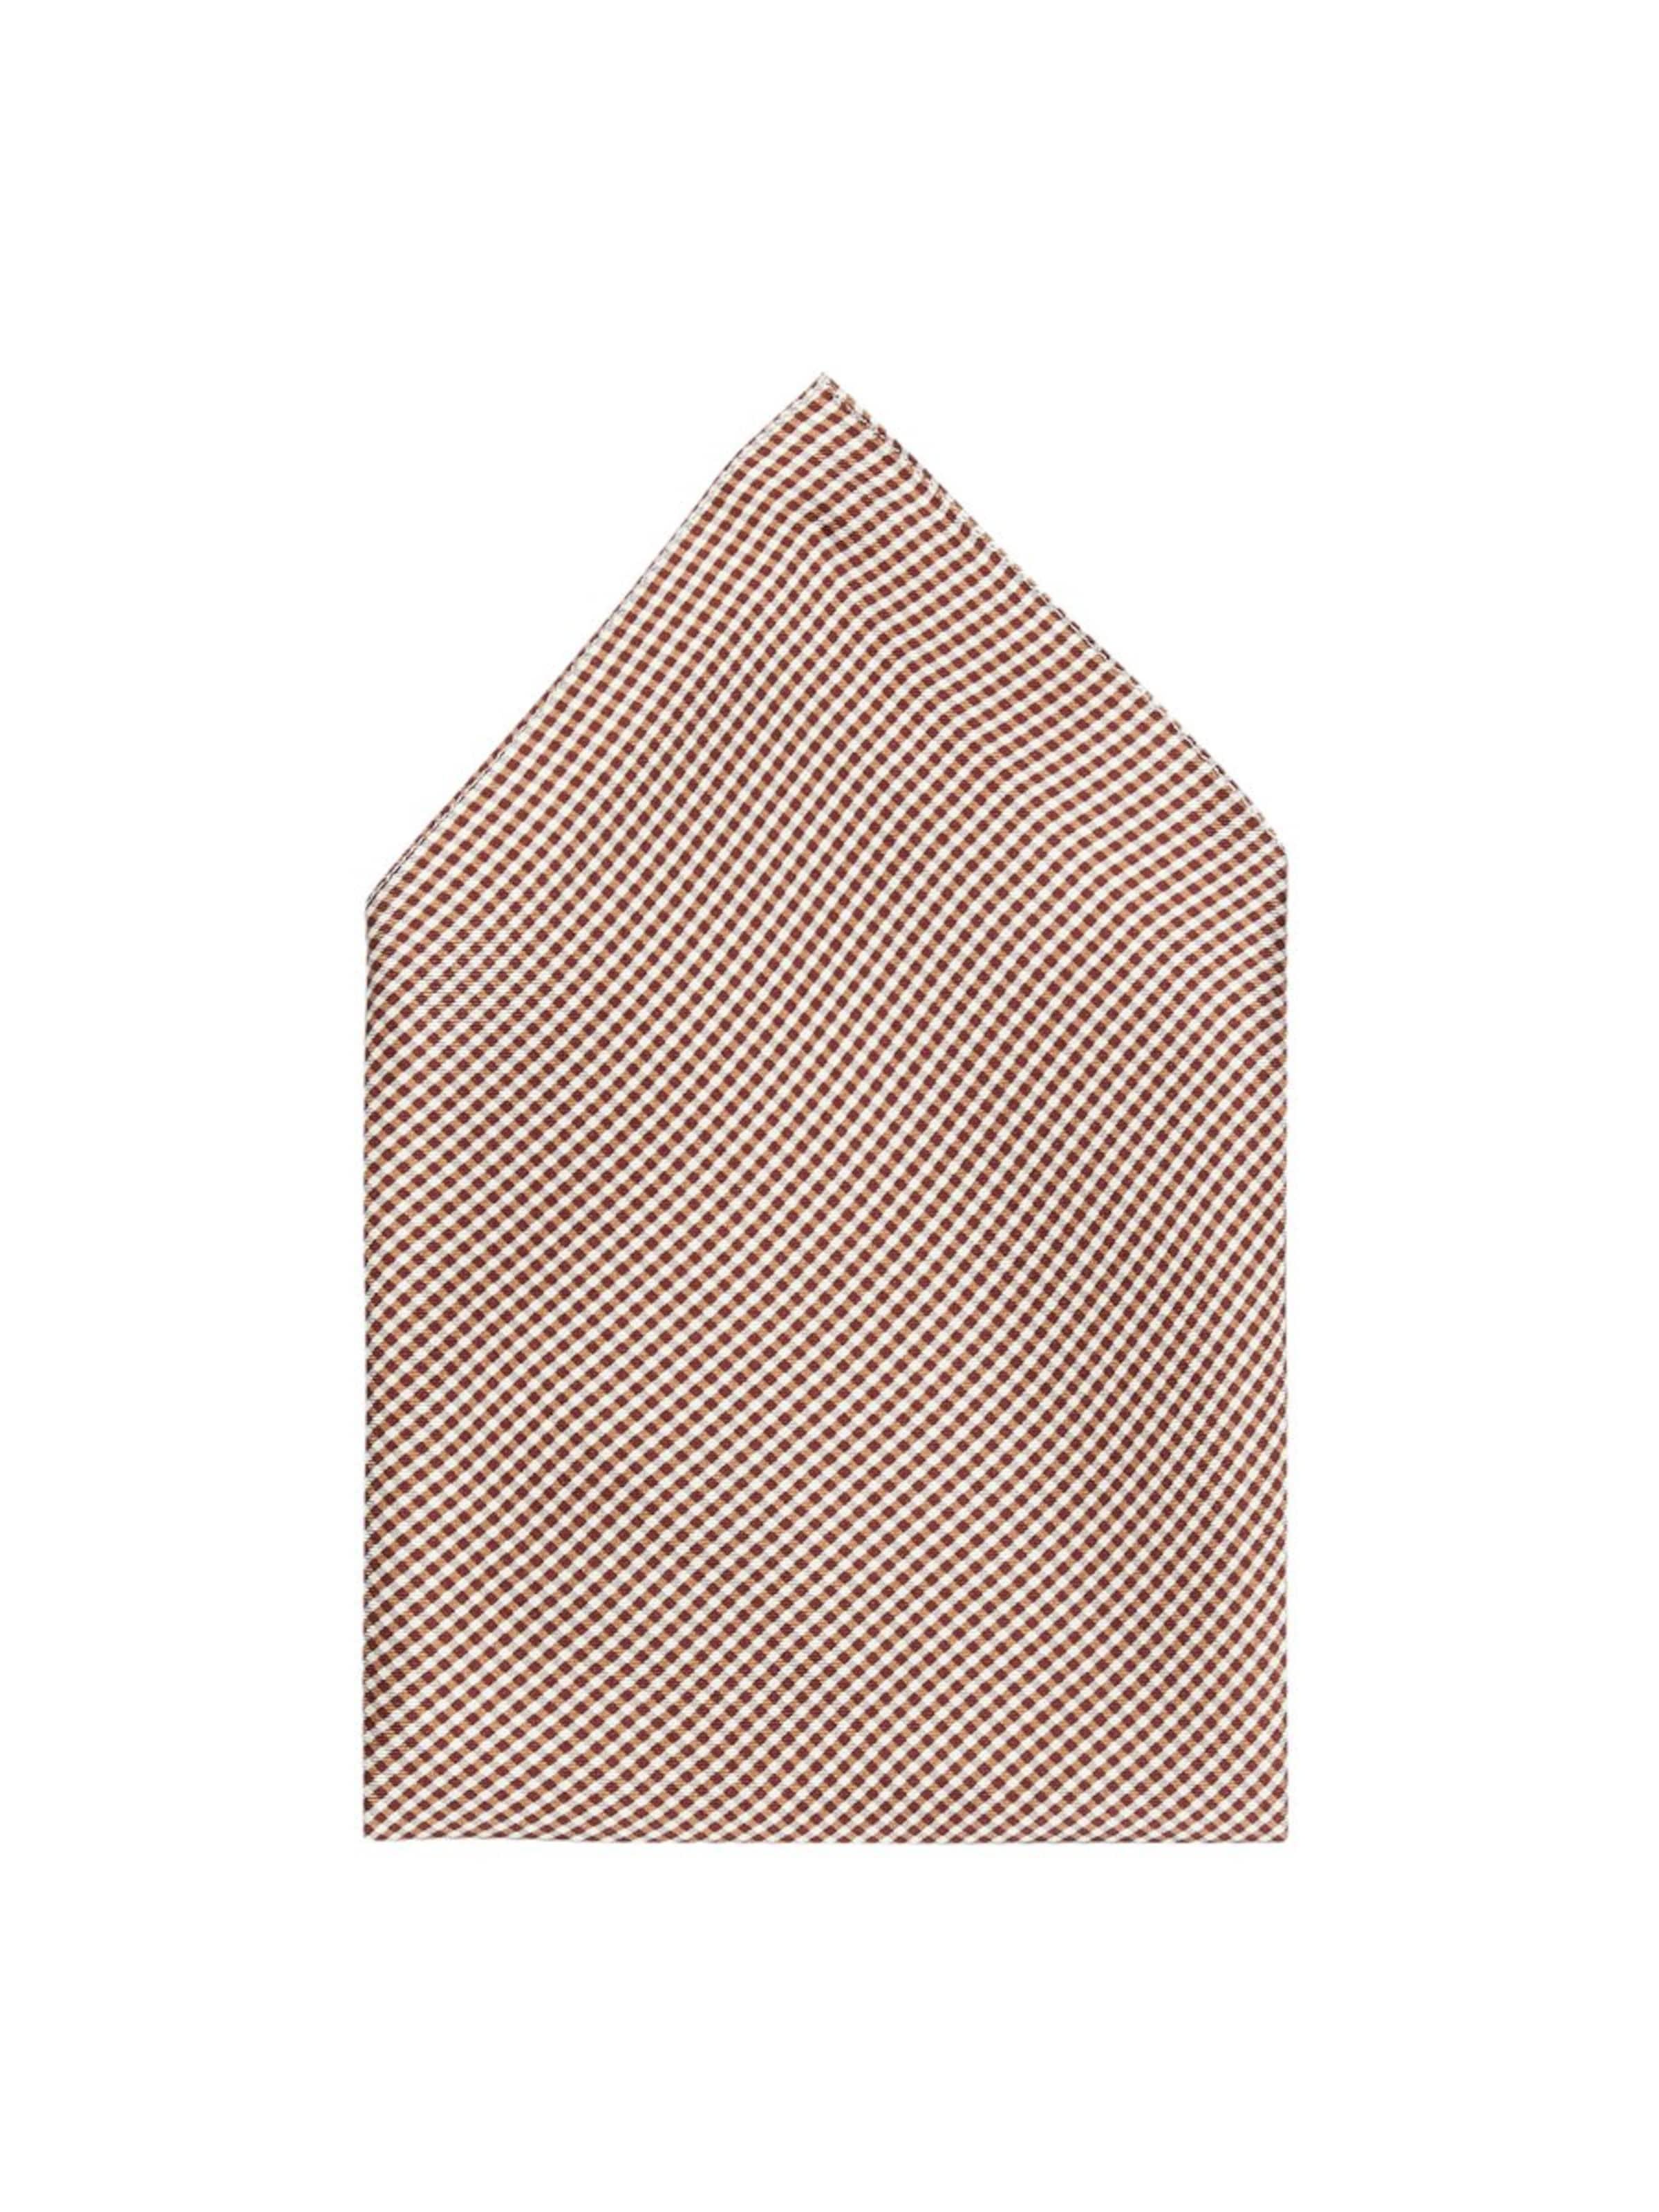 Square' Taschentuch J lindeberg '28 HellbeigeWeinrot Weiß In otQBrshdCx